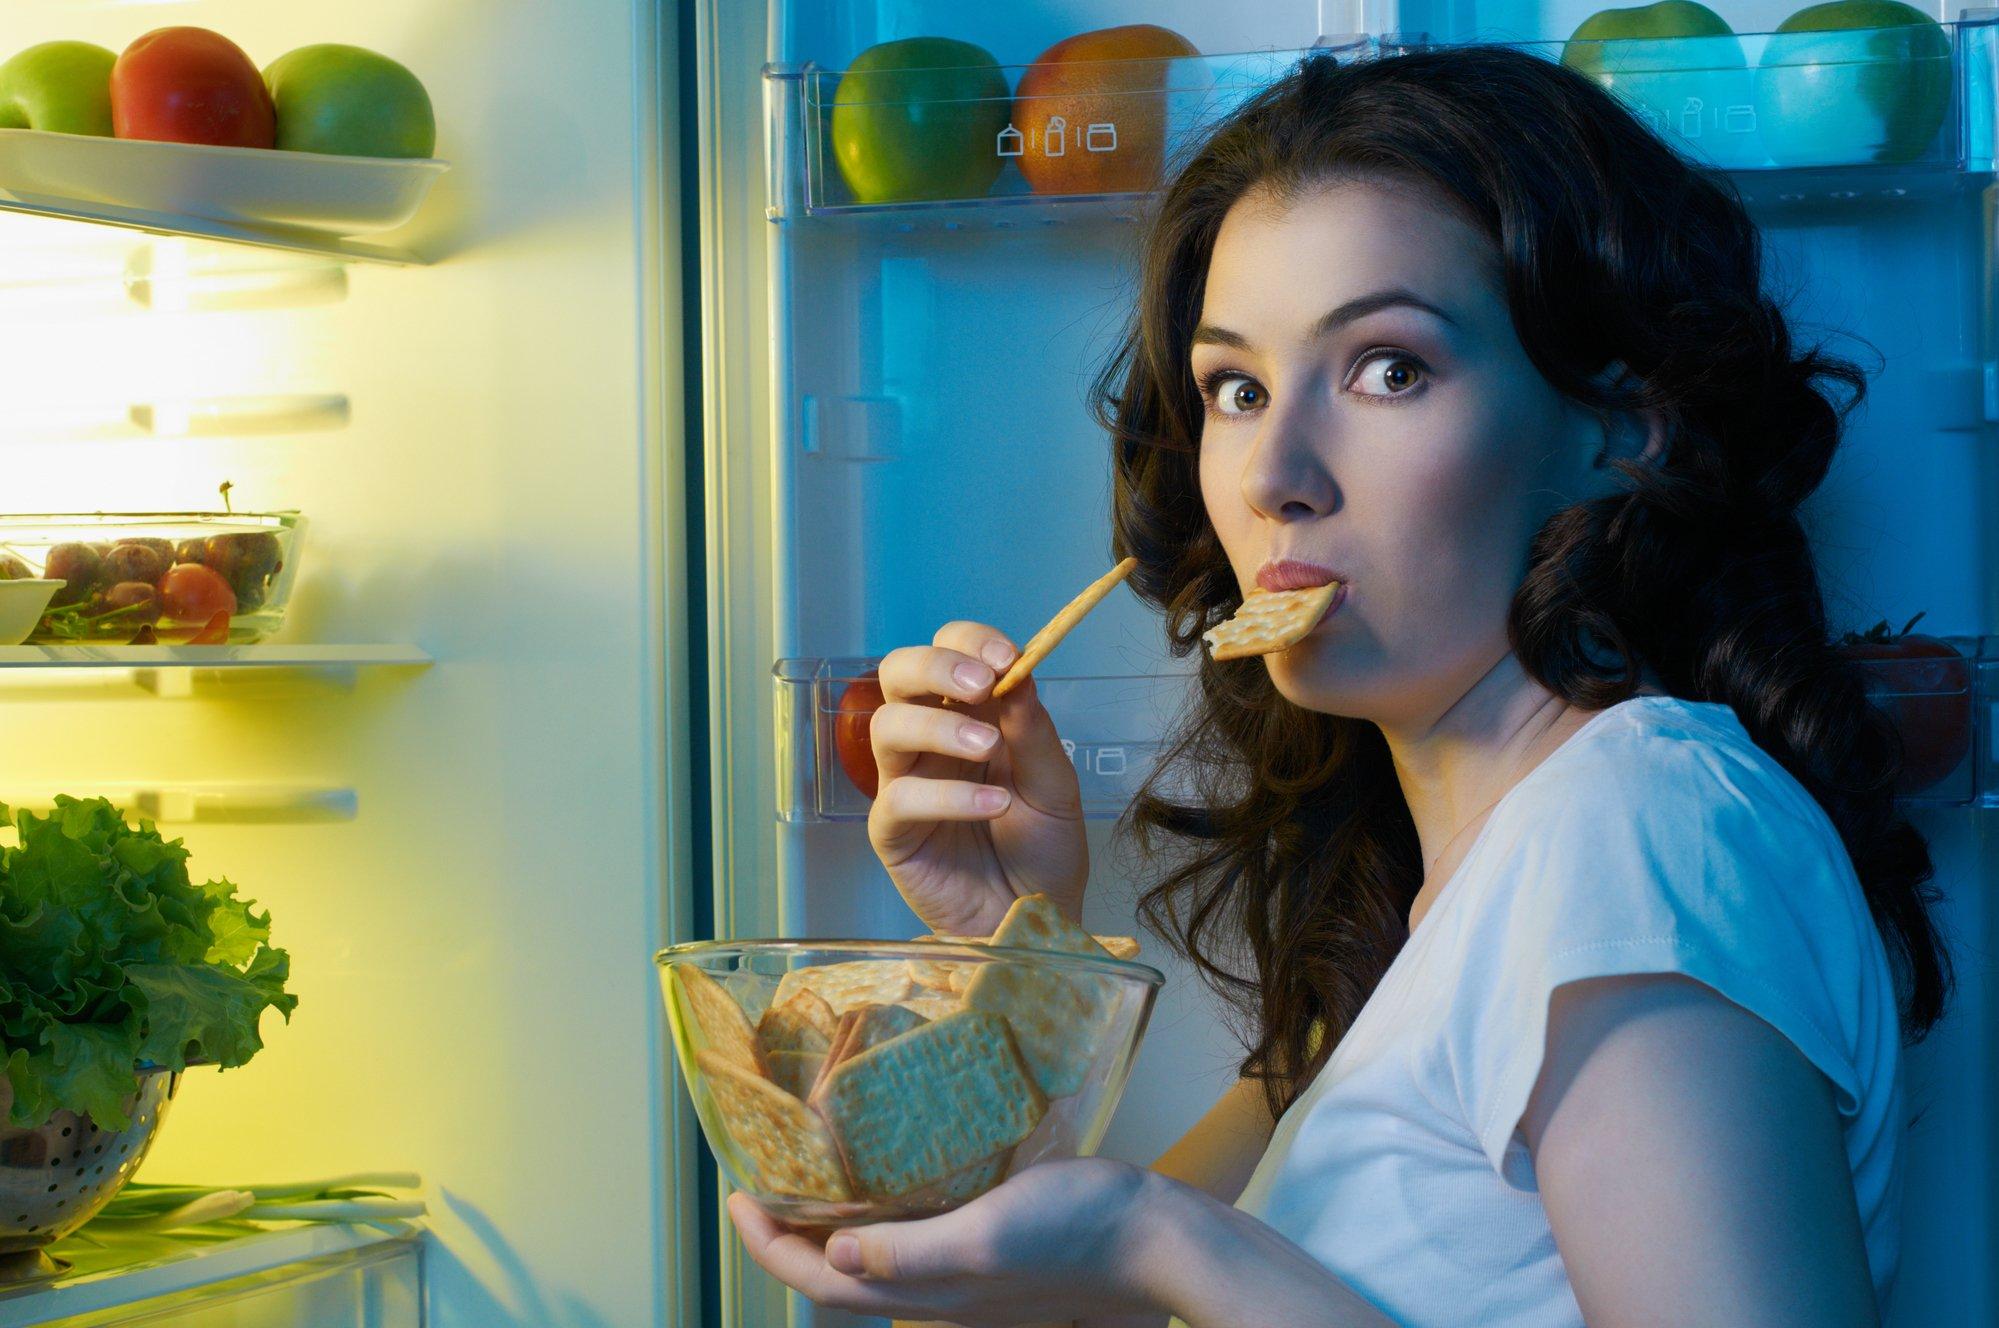 За сколько часов до сна можно есть и что лучше съесть на ночь